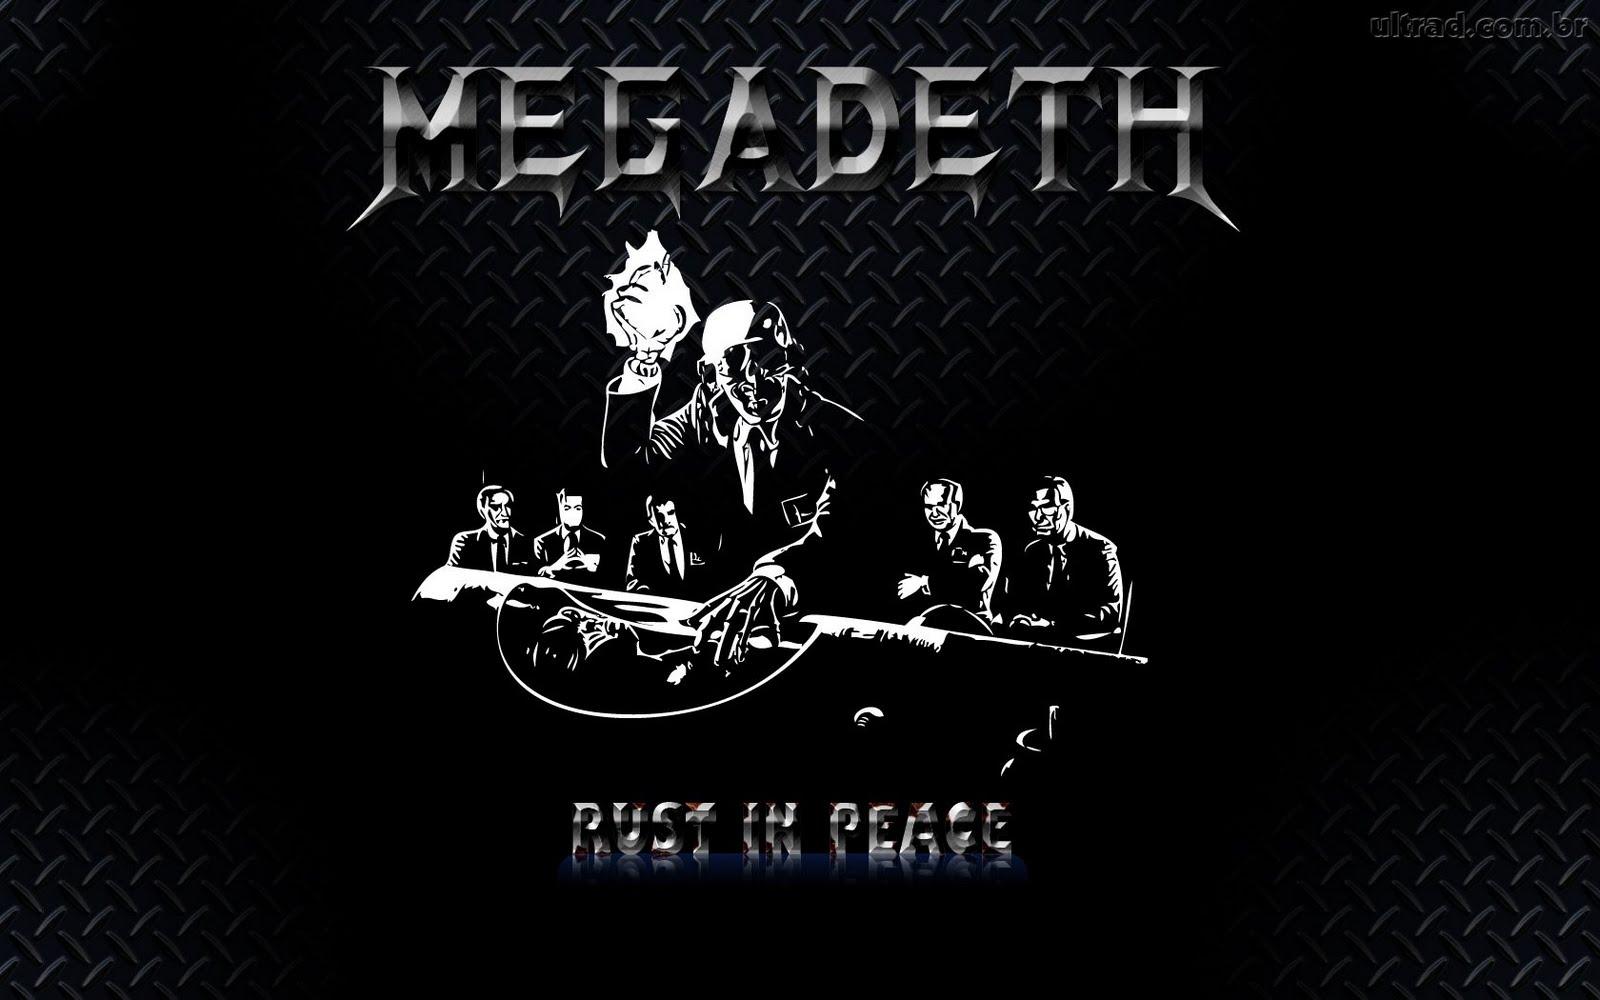 http://1.bp.blogspot.com/_ZKFq0_Mo2hs/S6qI62Zd3gI/AAAAAAAABzA/V_dS3yx2kP4/s1600/megadeth+129476_Papel-de-Parede-Megadeth_1680x1050.jpg